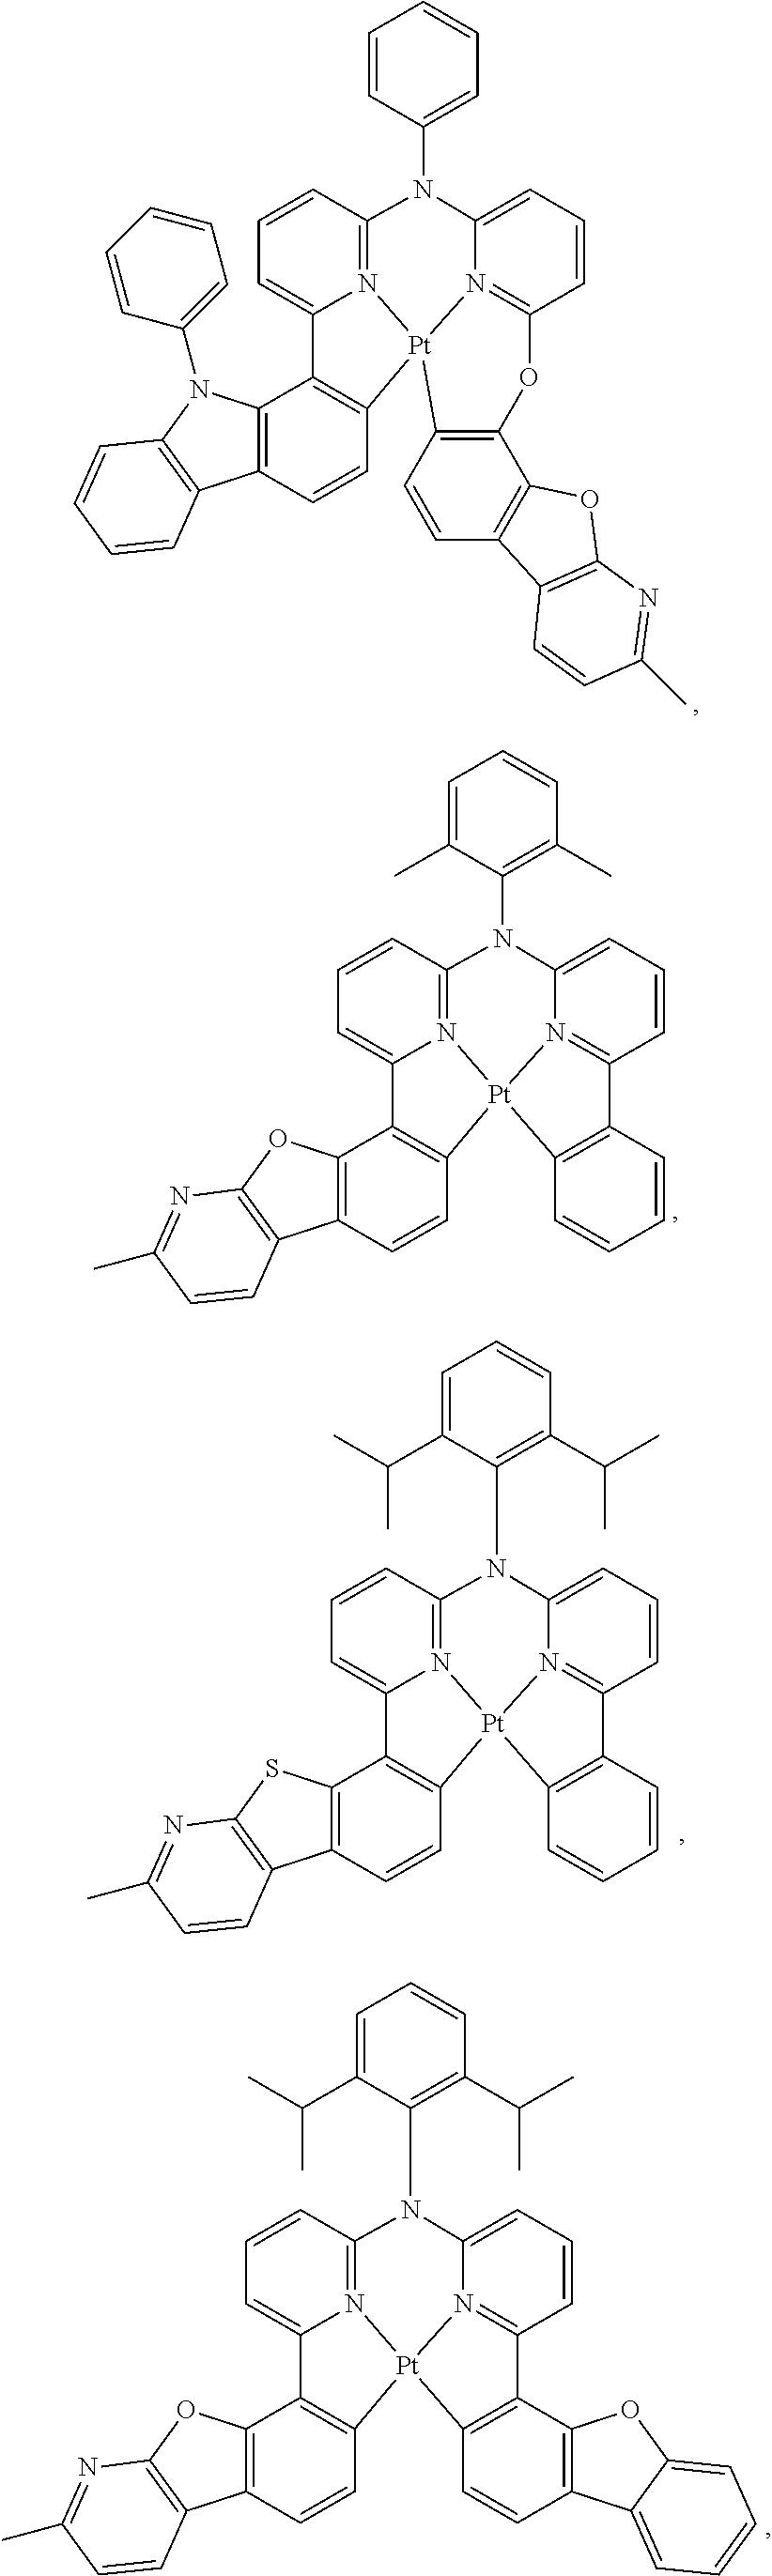 Figure US09871214-20180116-C00313